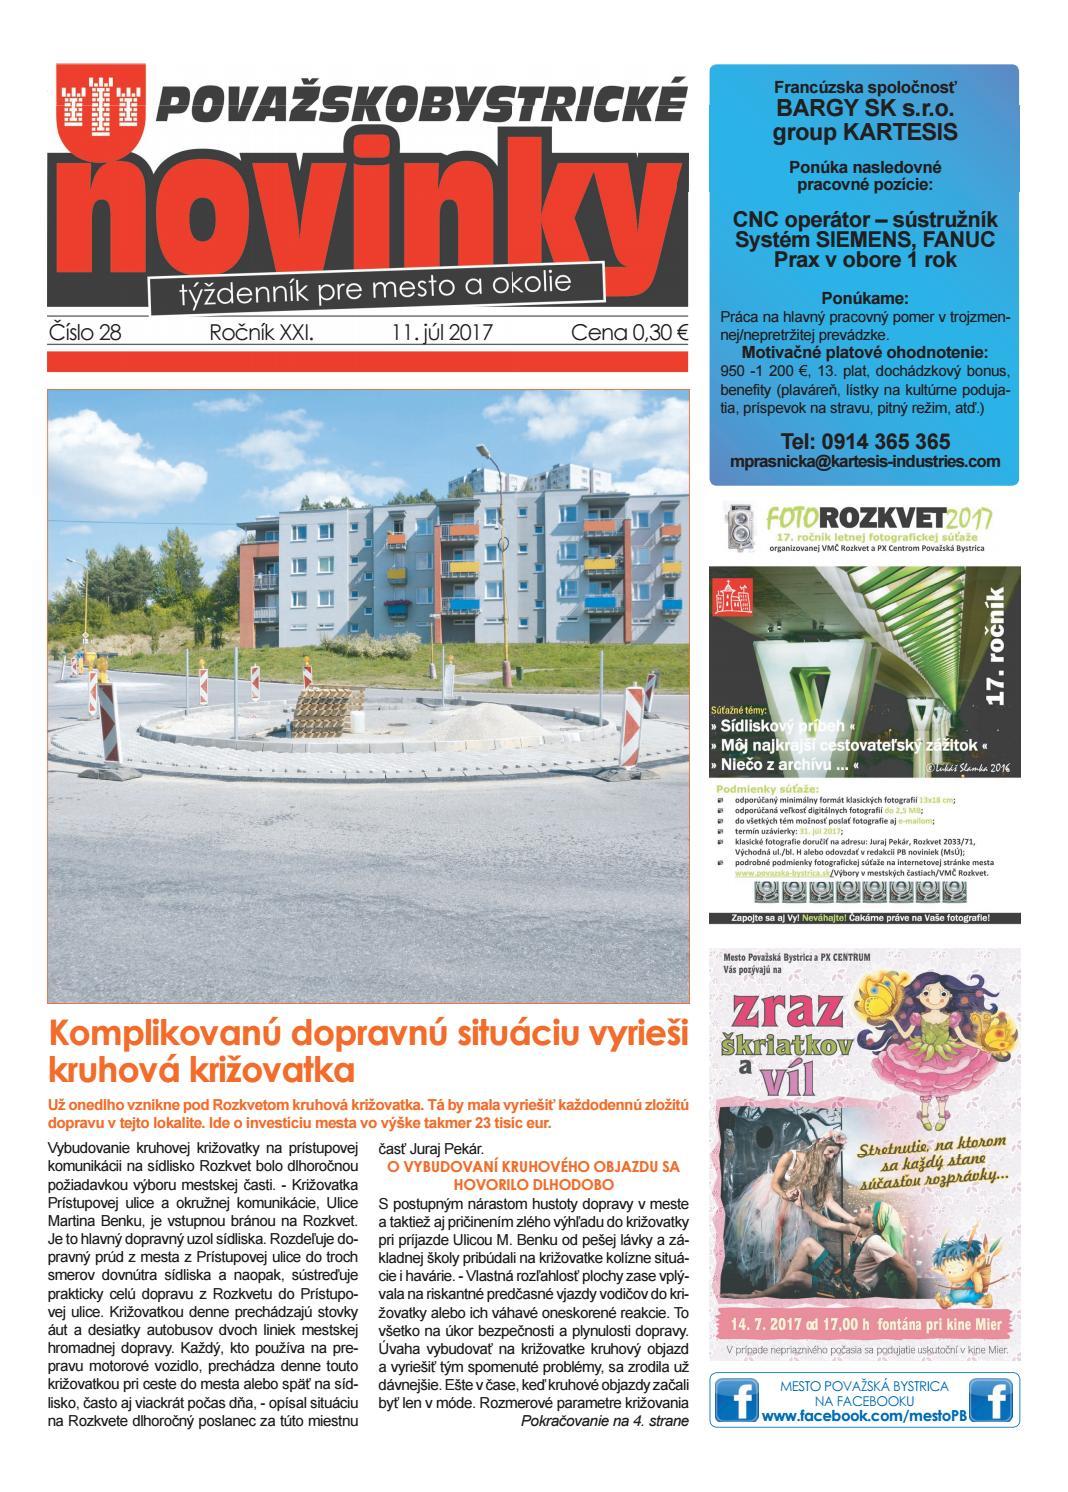 9ac648d34fc07 Považskobystrické noviny č. 28/2017 by Považskobystrické novinky - issuu